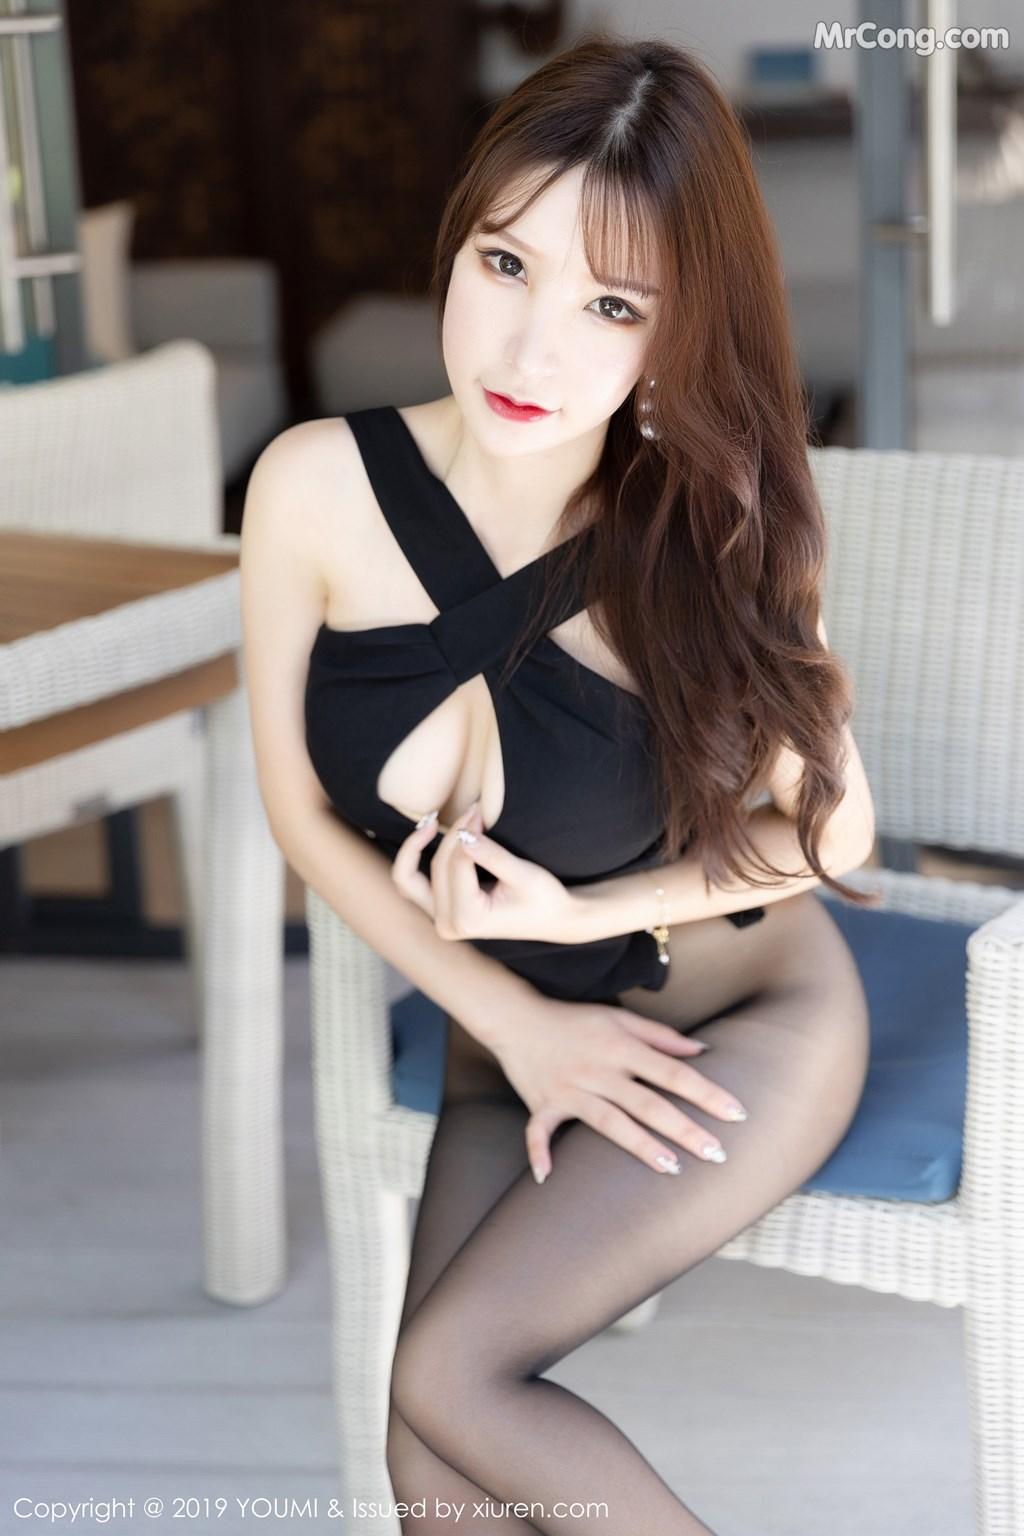 Image YouMi-Vol.389-Zhou-Yuxi-Sandy-MrCong.com-037 in post YouMi Vol.389: Zhou Yuxi (周于希Sandy) (53 ảnh)